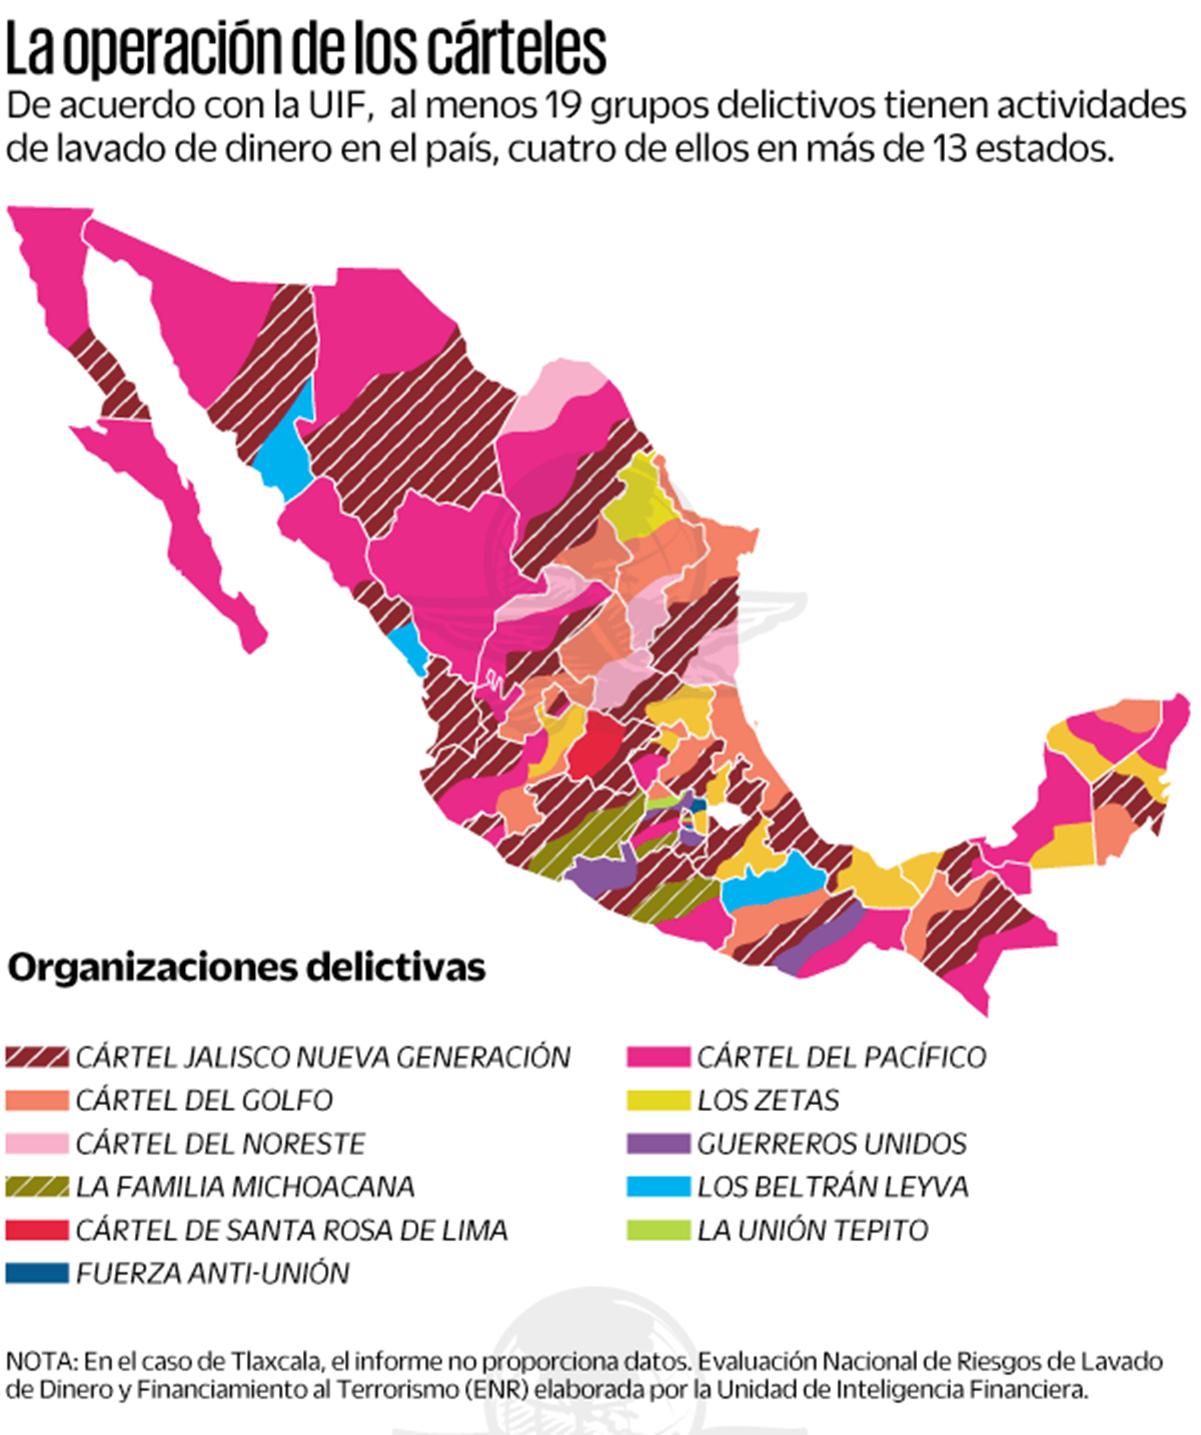 Cinco cárteles realizan actividades de lavado de dinero en Oaxaca: Unidad de Inteligencia Financiera